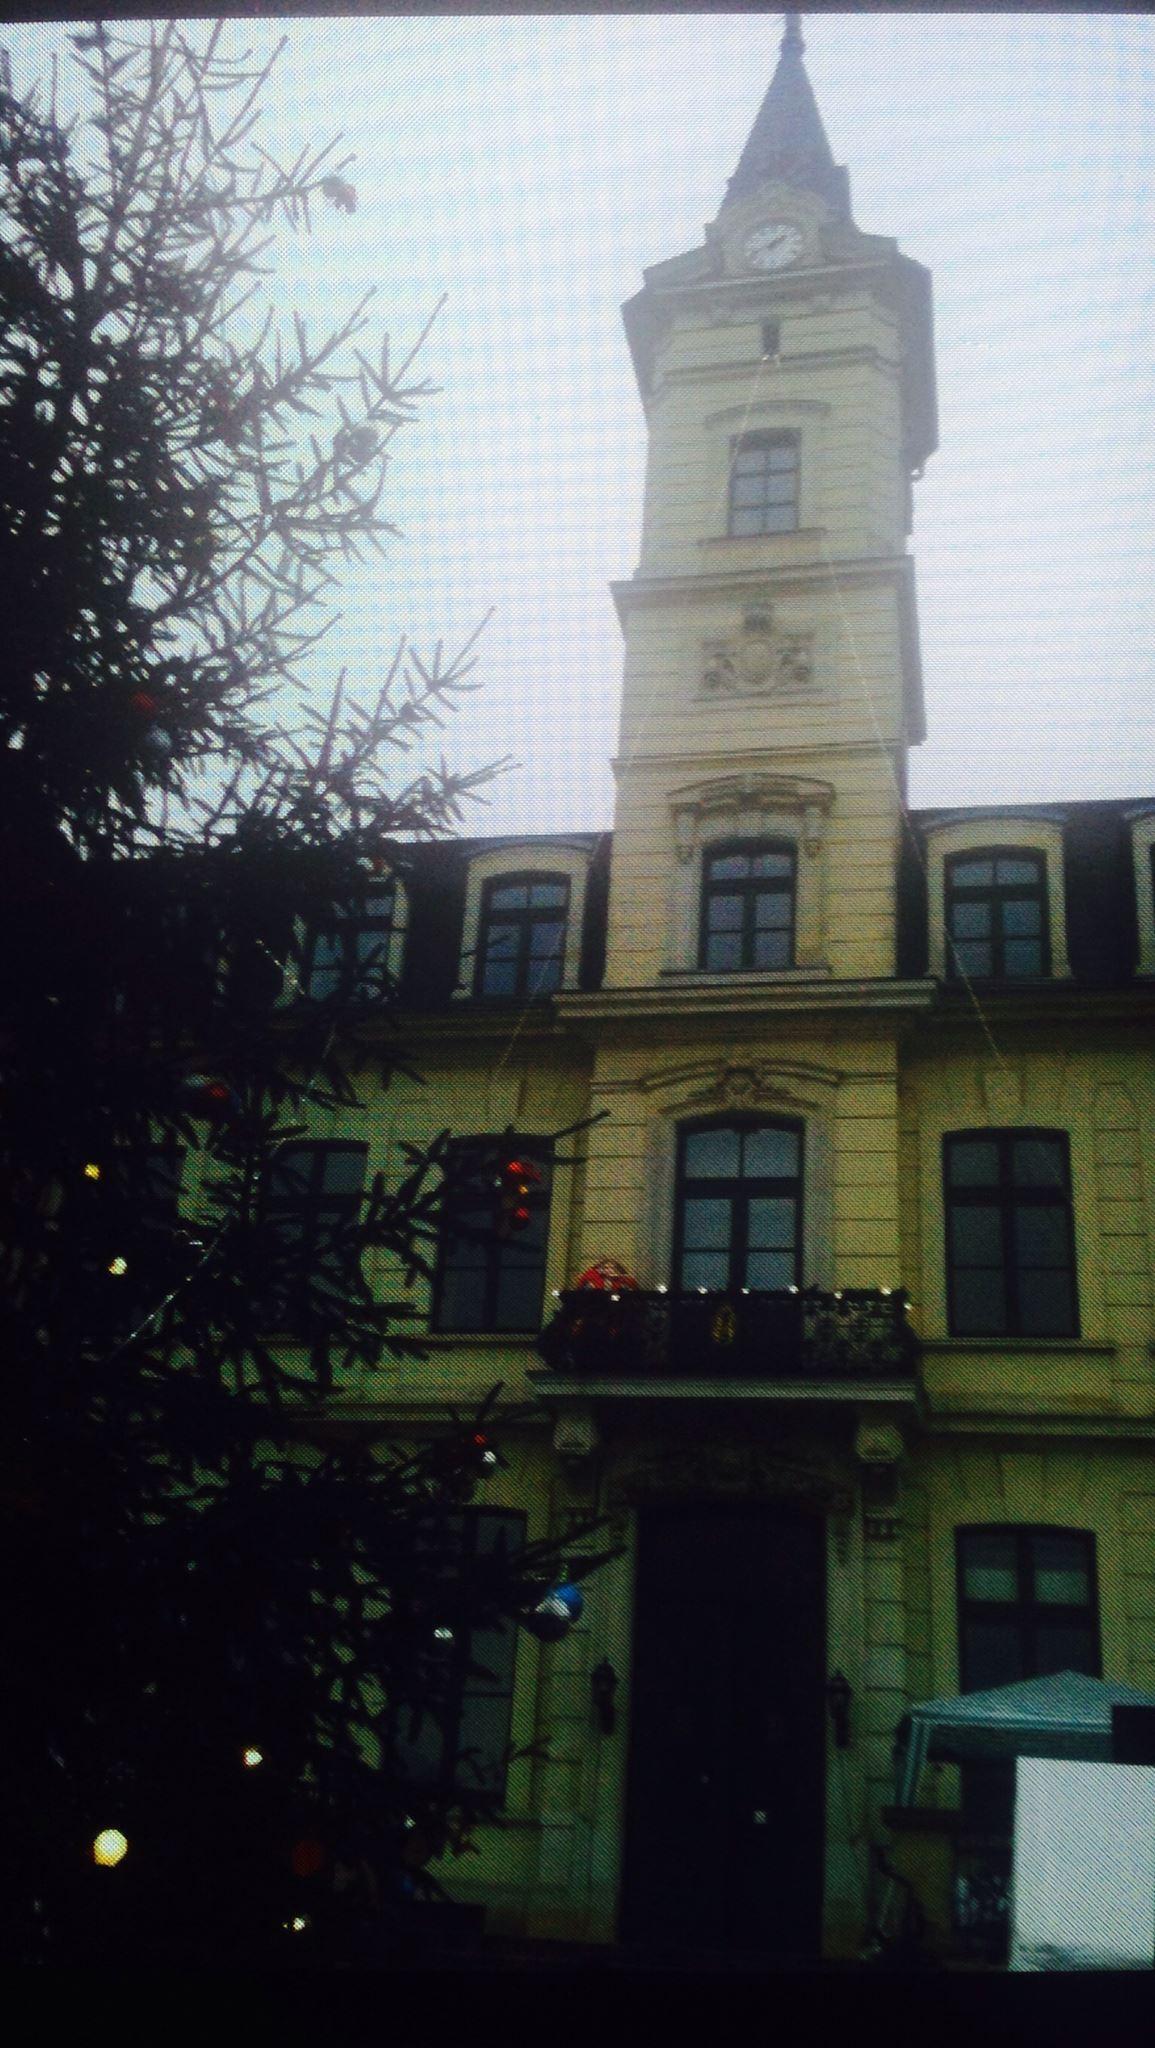 Traditionell gibt es zum Adventsmarkt auch einen Weihnachtsbaum. Foto: Birgit Dietze